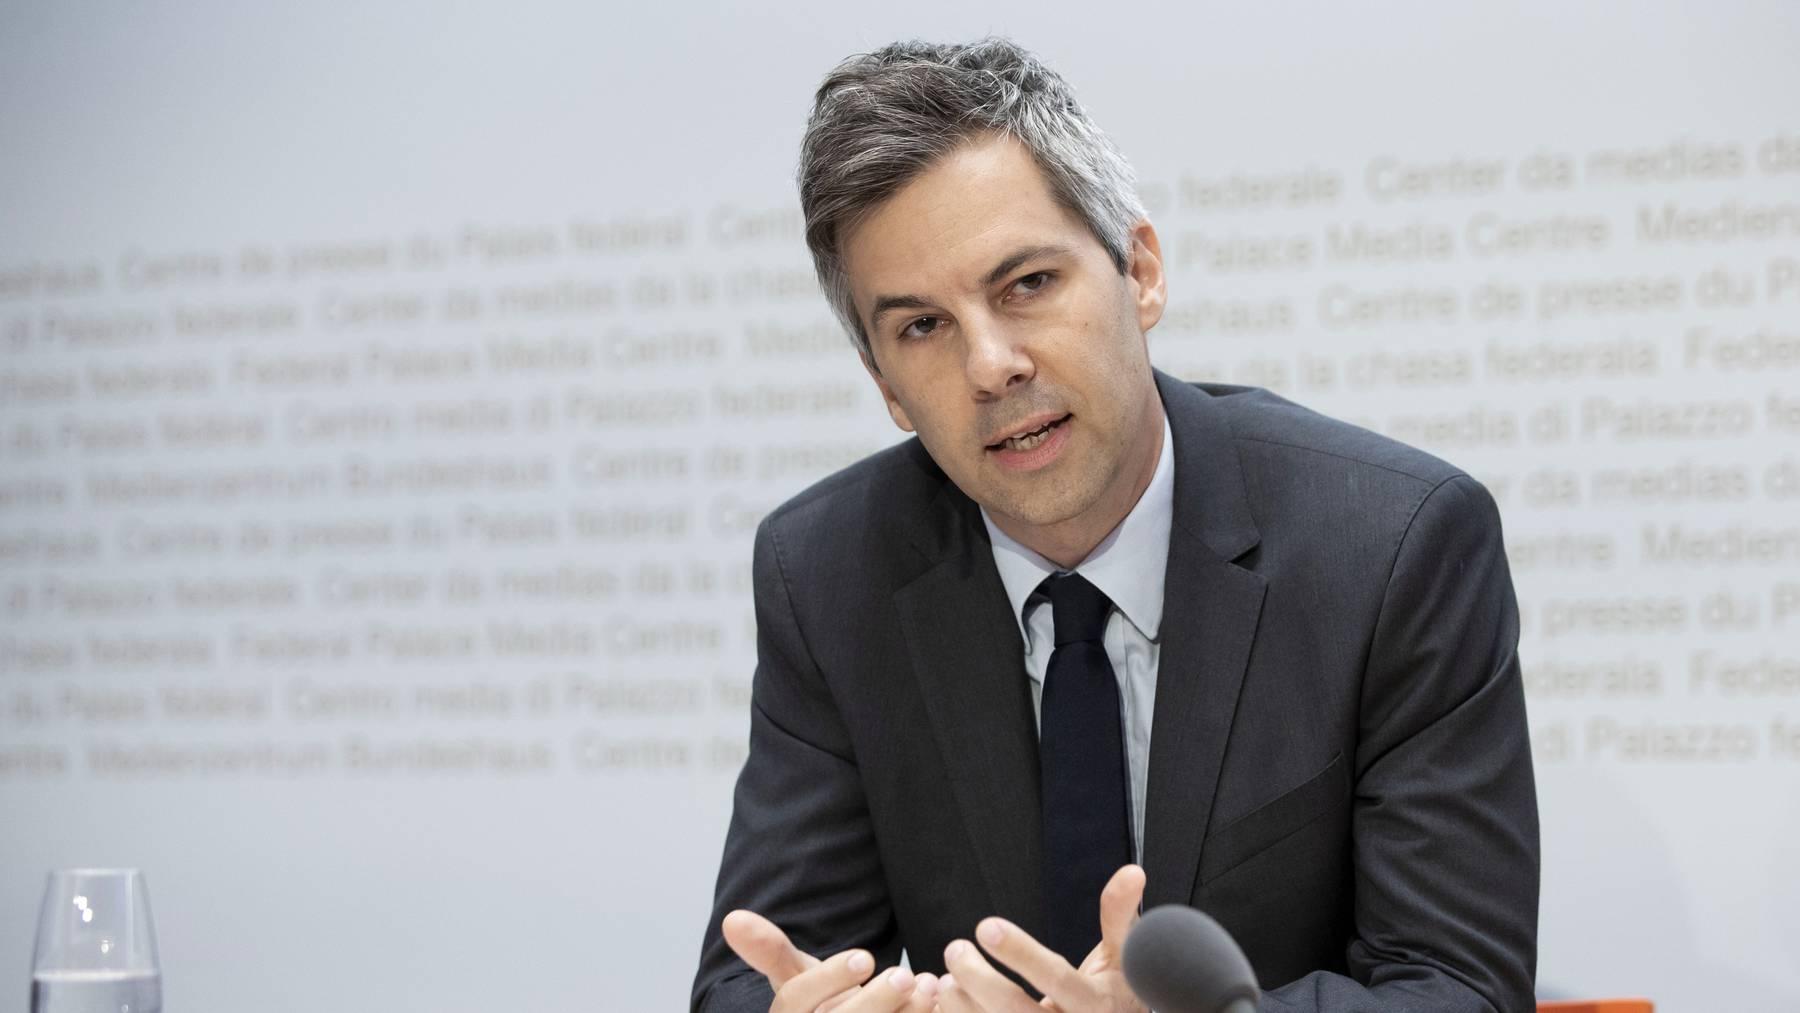 Marcel Salathé, Mitglied der Taskforce des Bundes und Epidemiologie-Professor an der EPFL, nimmt kritisch Stellung zur Situation im Clubbereich.